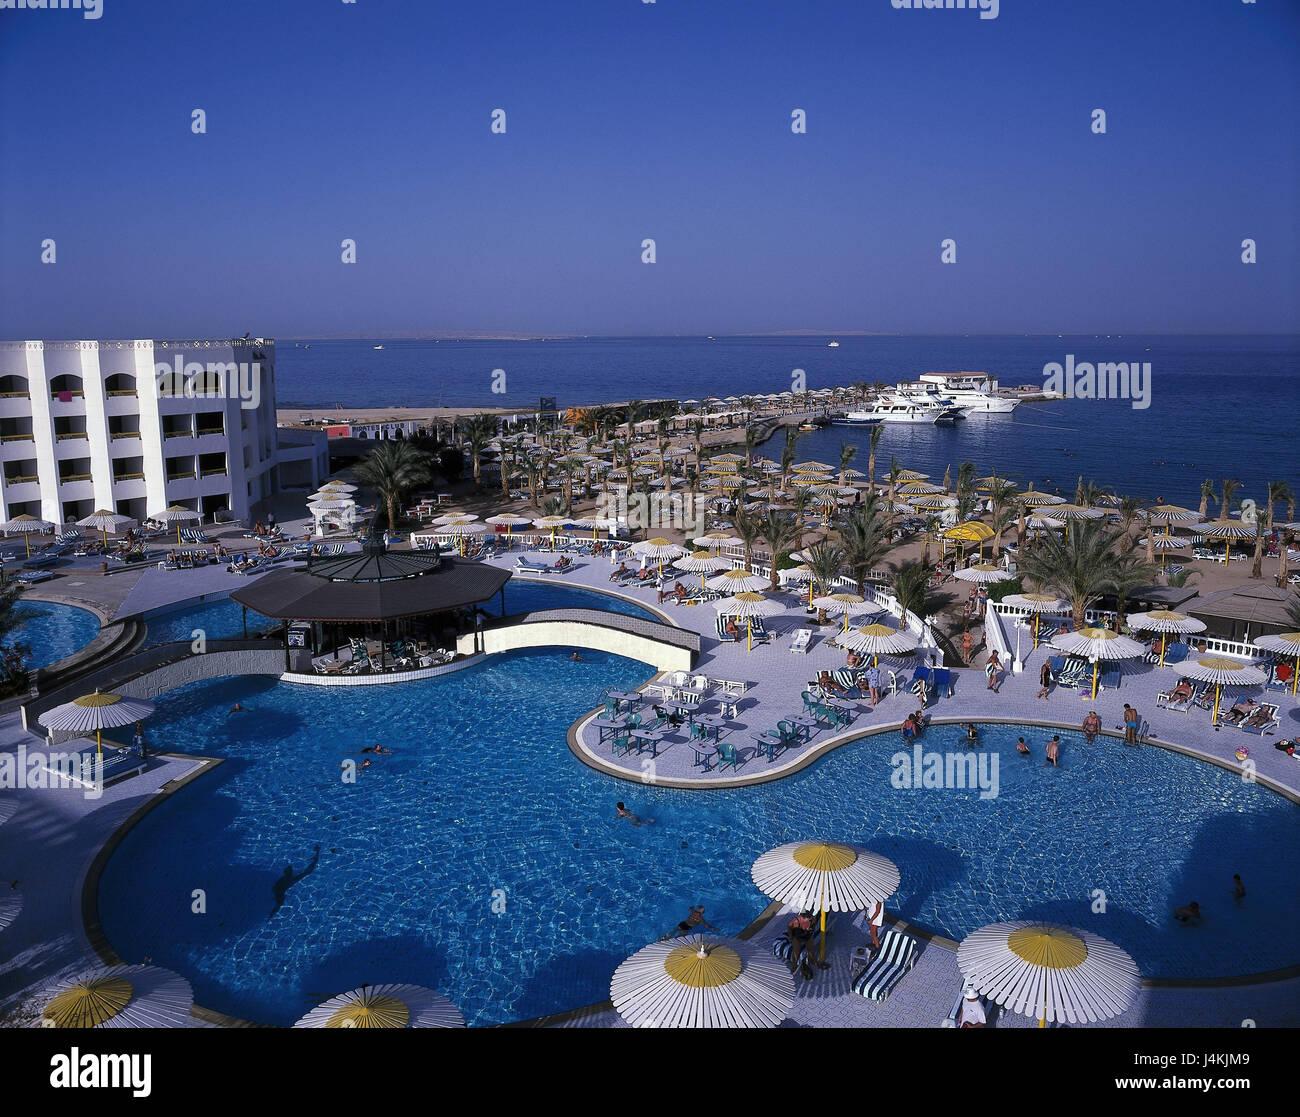 Agypten Hurghada Hotel Anlage Schwimmbad Strand Vor Ubersicht